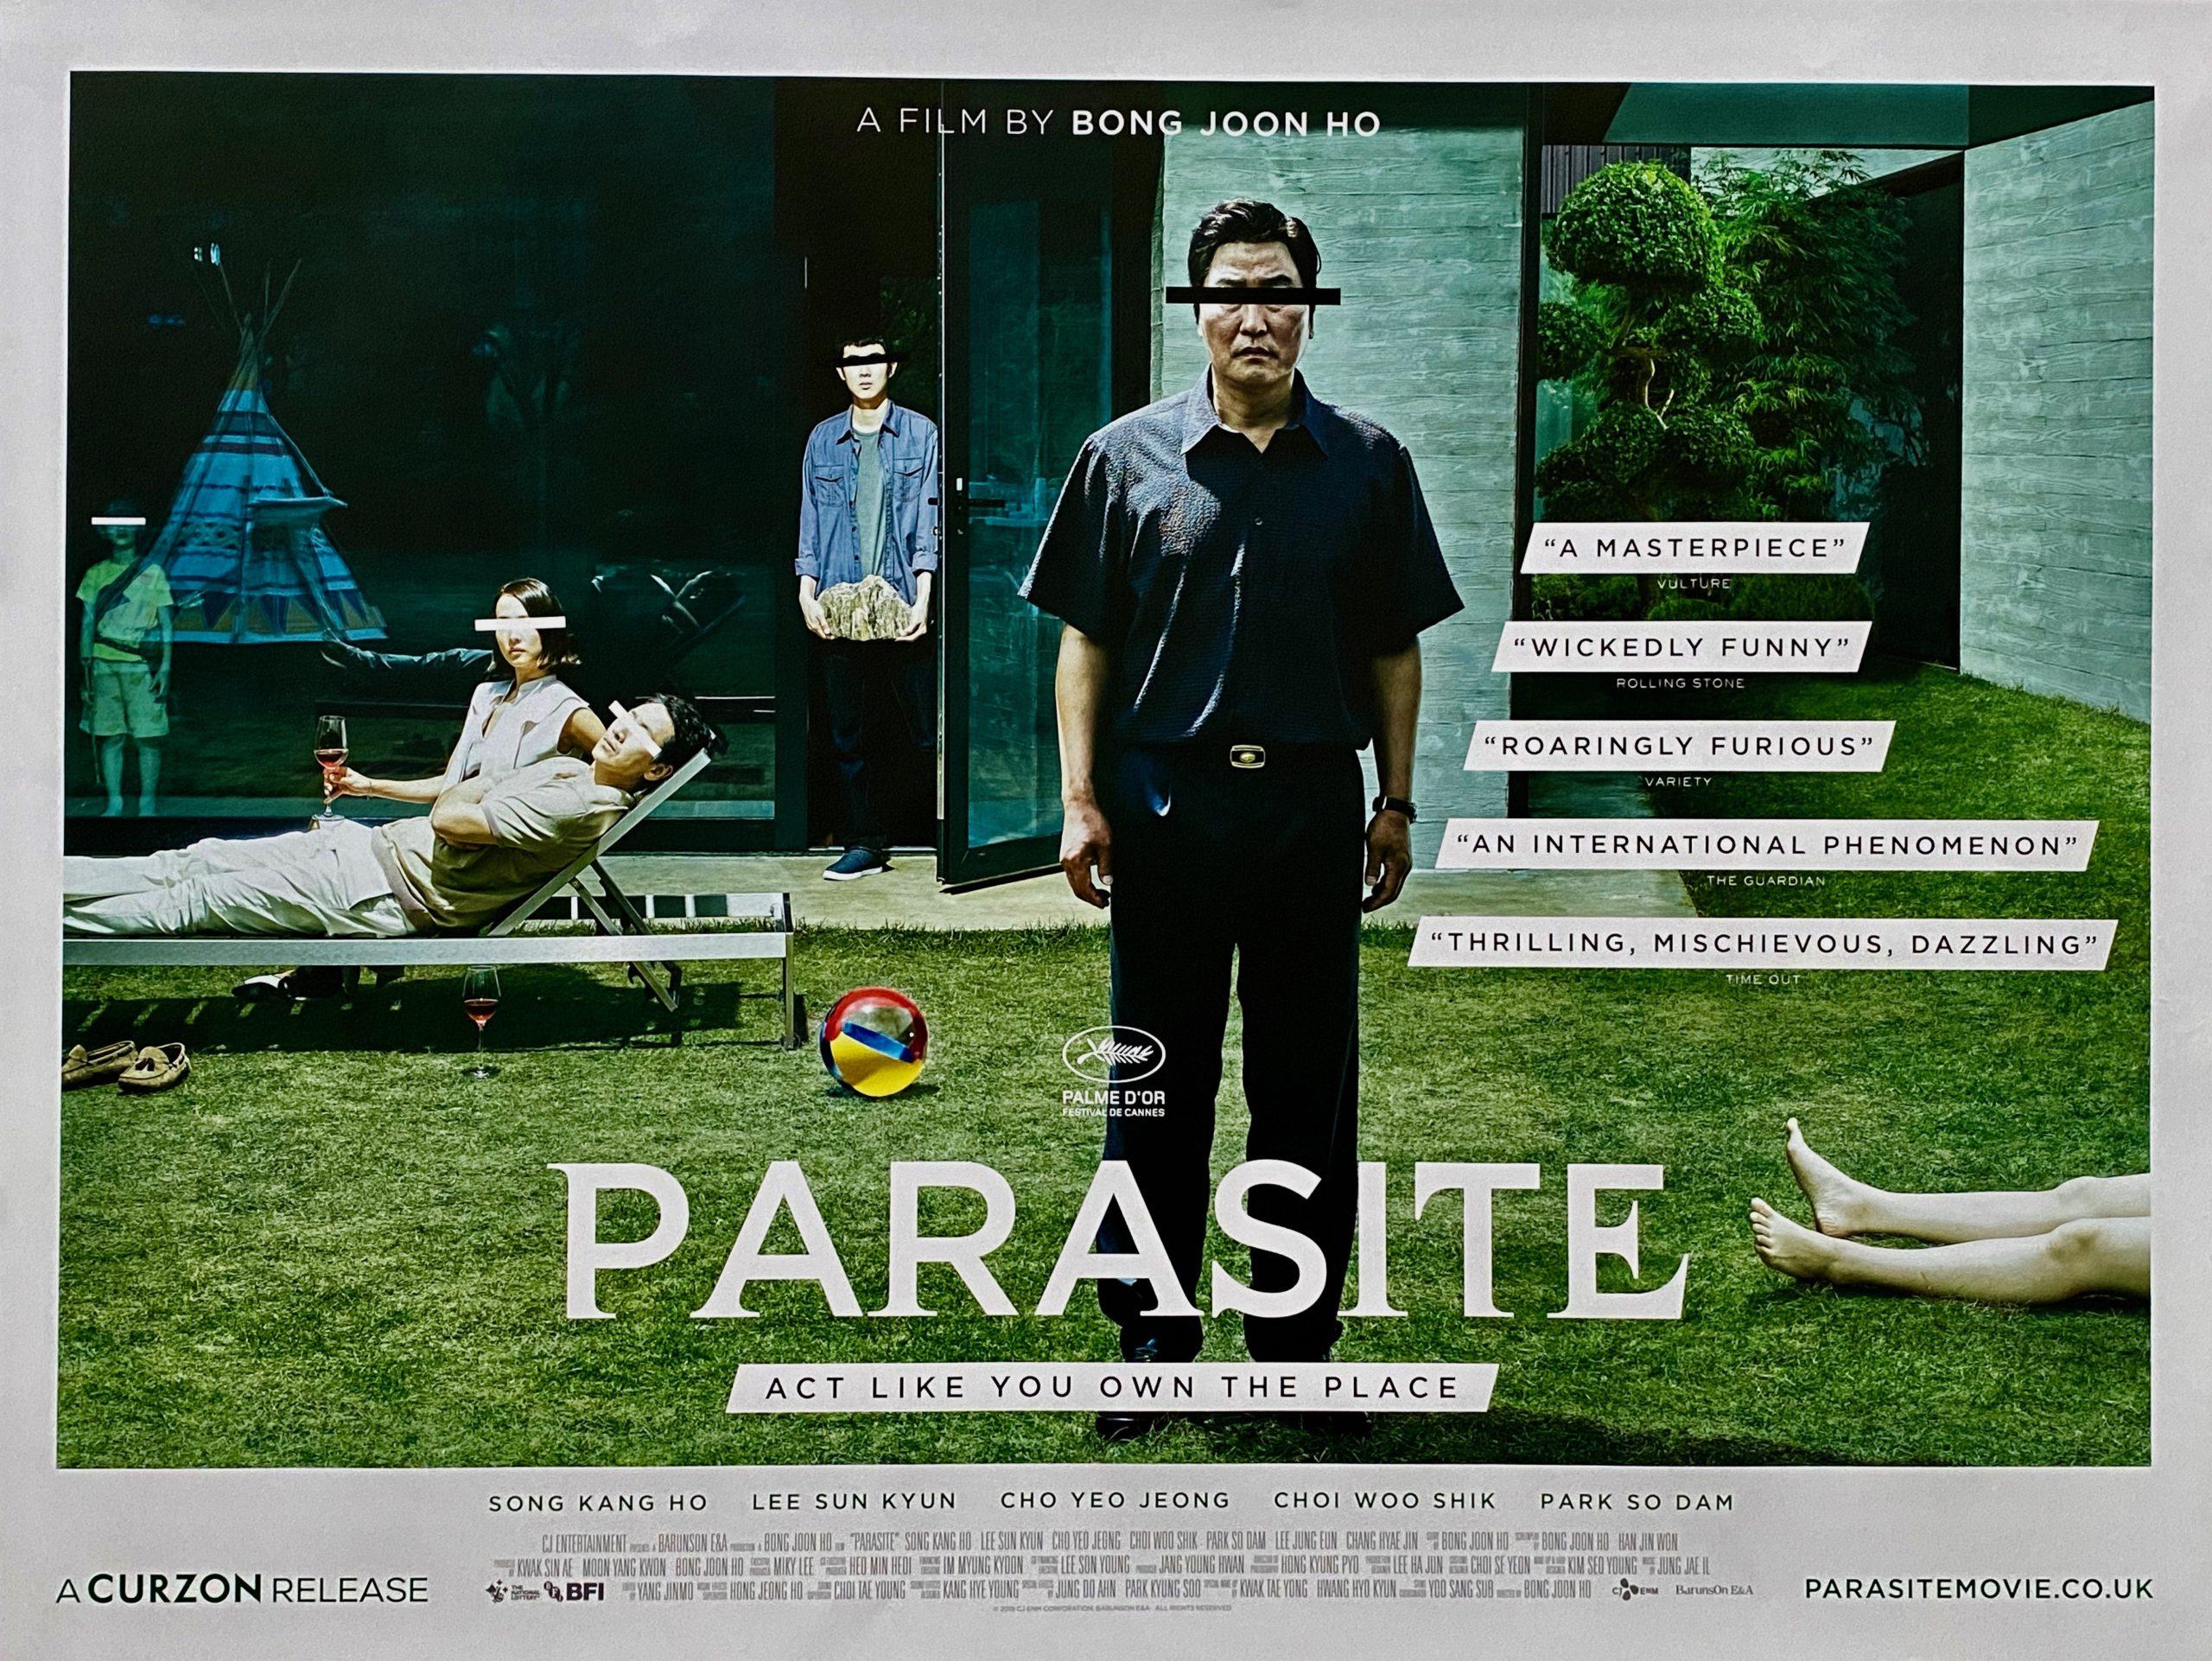 Original Parasite Movie Poster - Bong Joon Ho - Oscar Winner